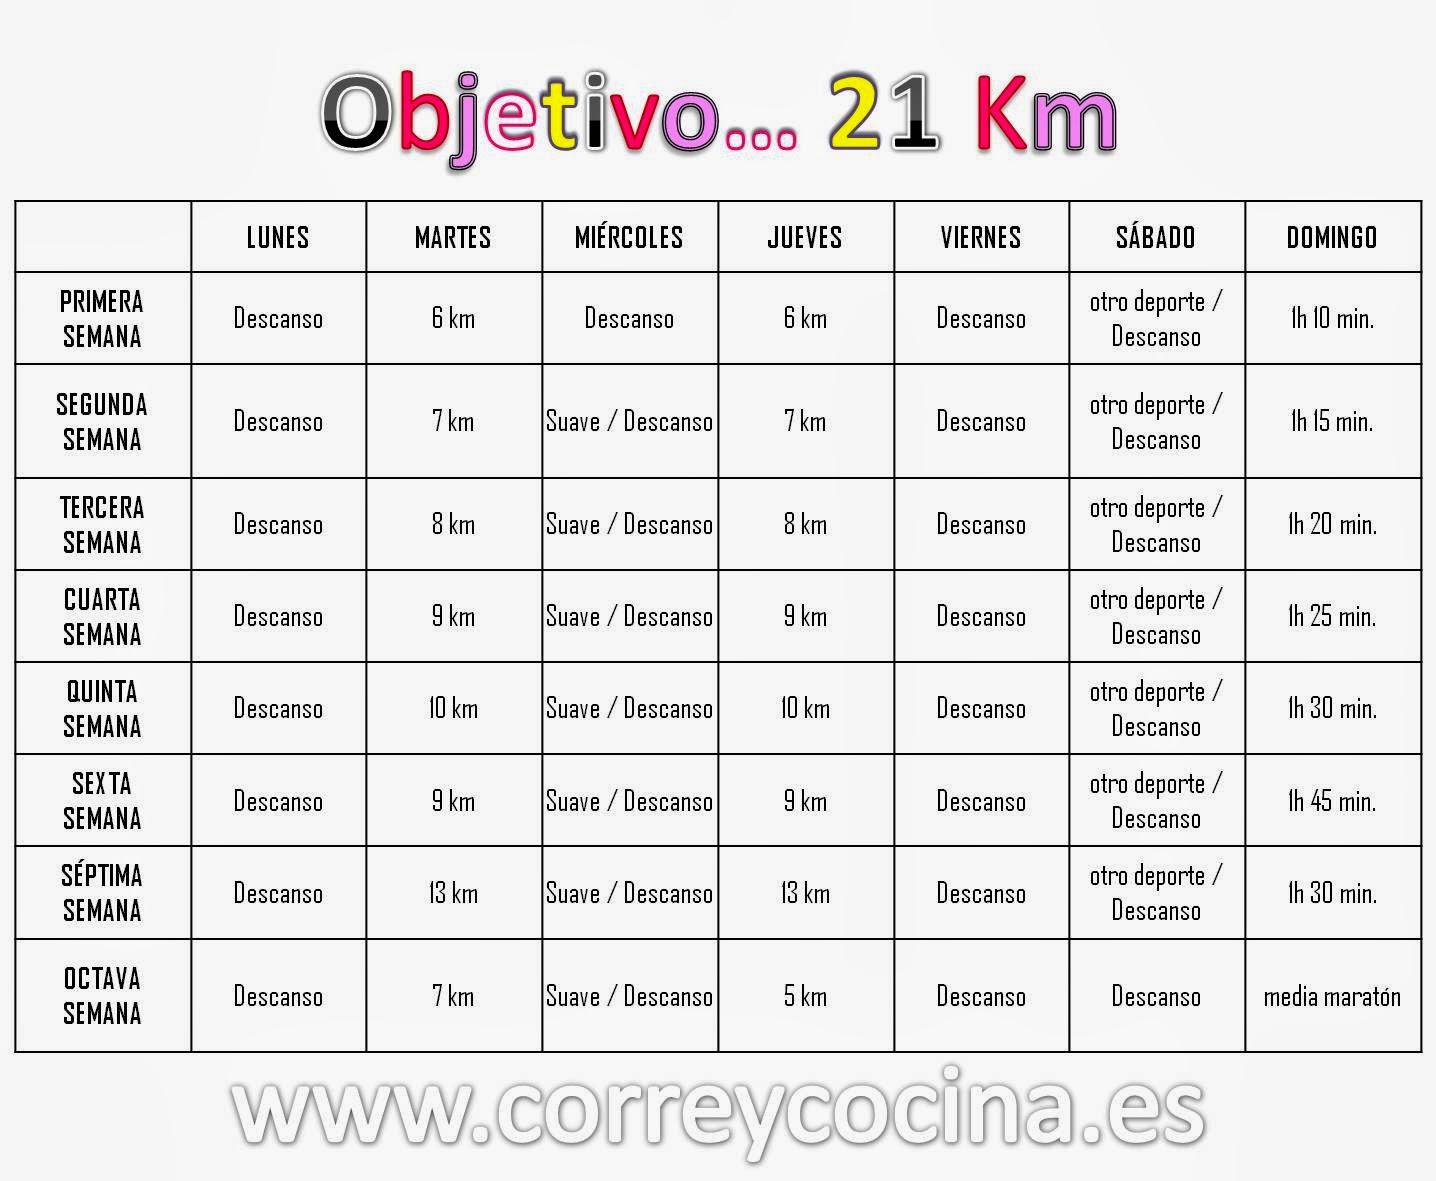 Corremos porque comemos preparando nuestra primera media marat n entrenamiento de correycocina - Plan de entrenamiento en casa ...